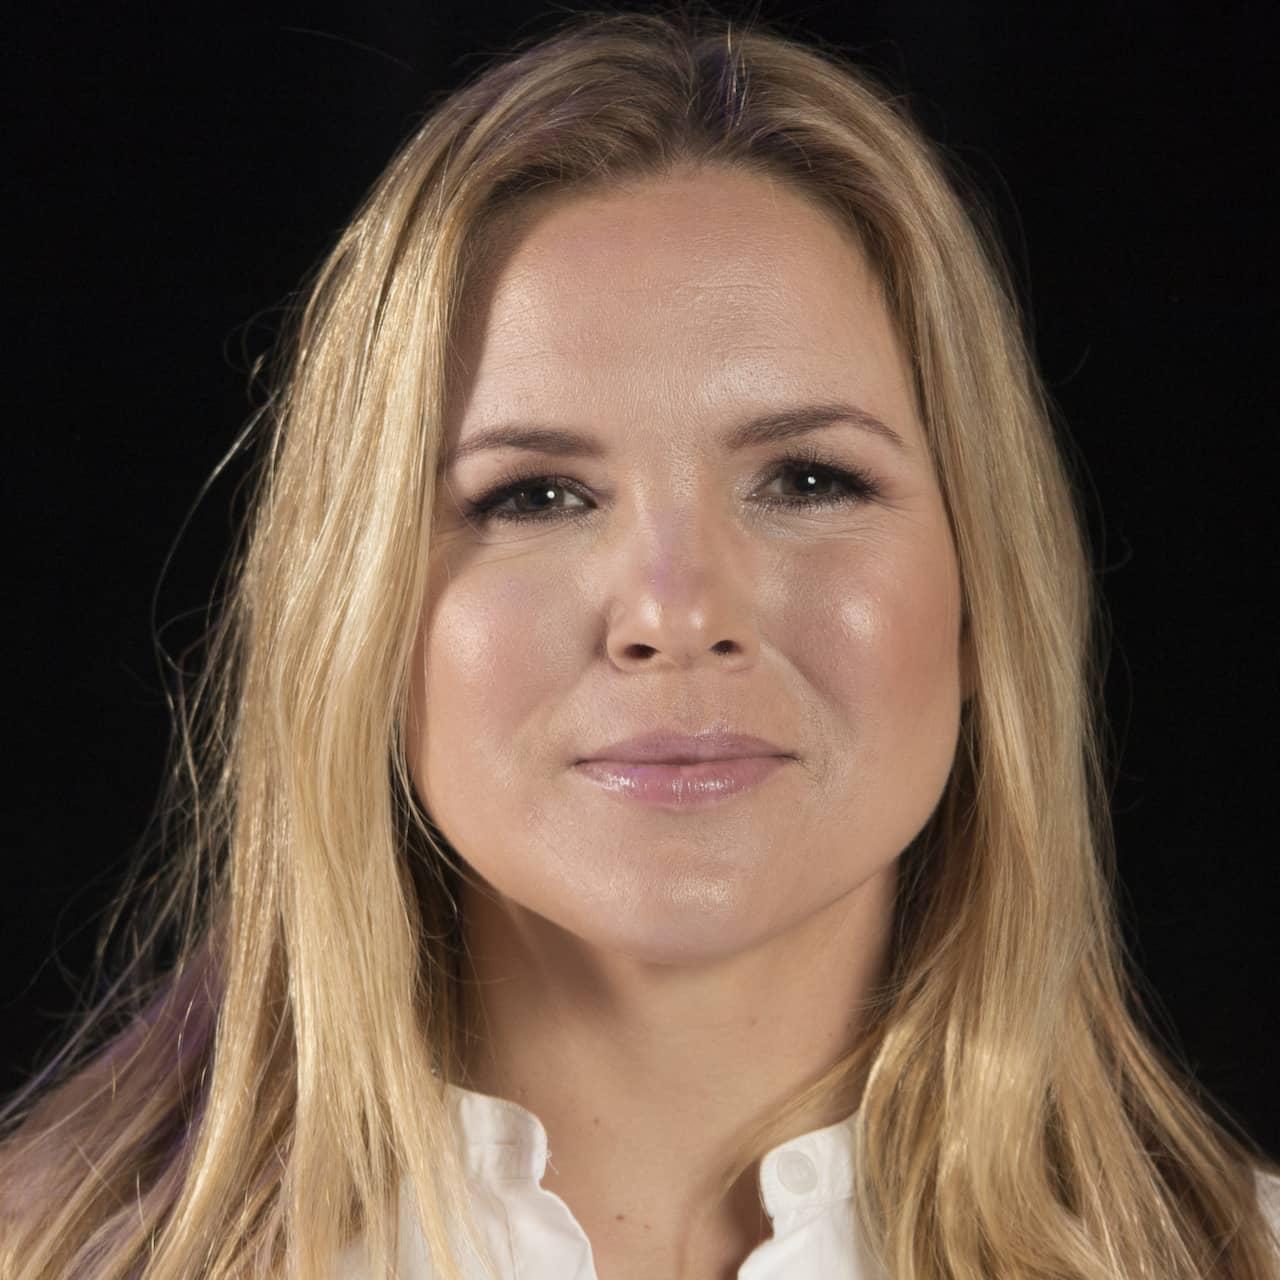 52. Anja Pärson